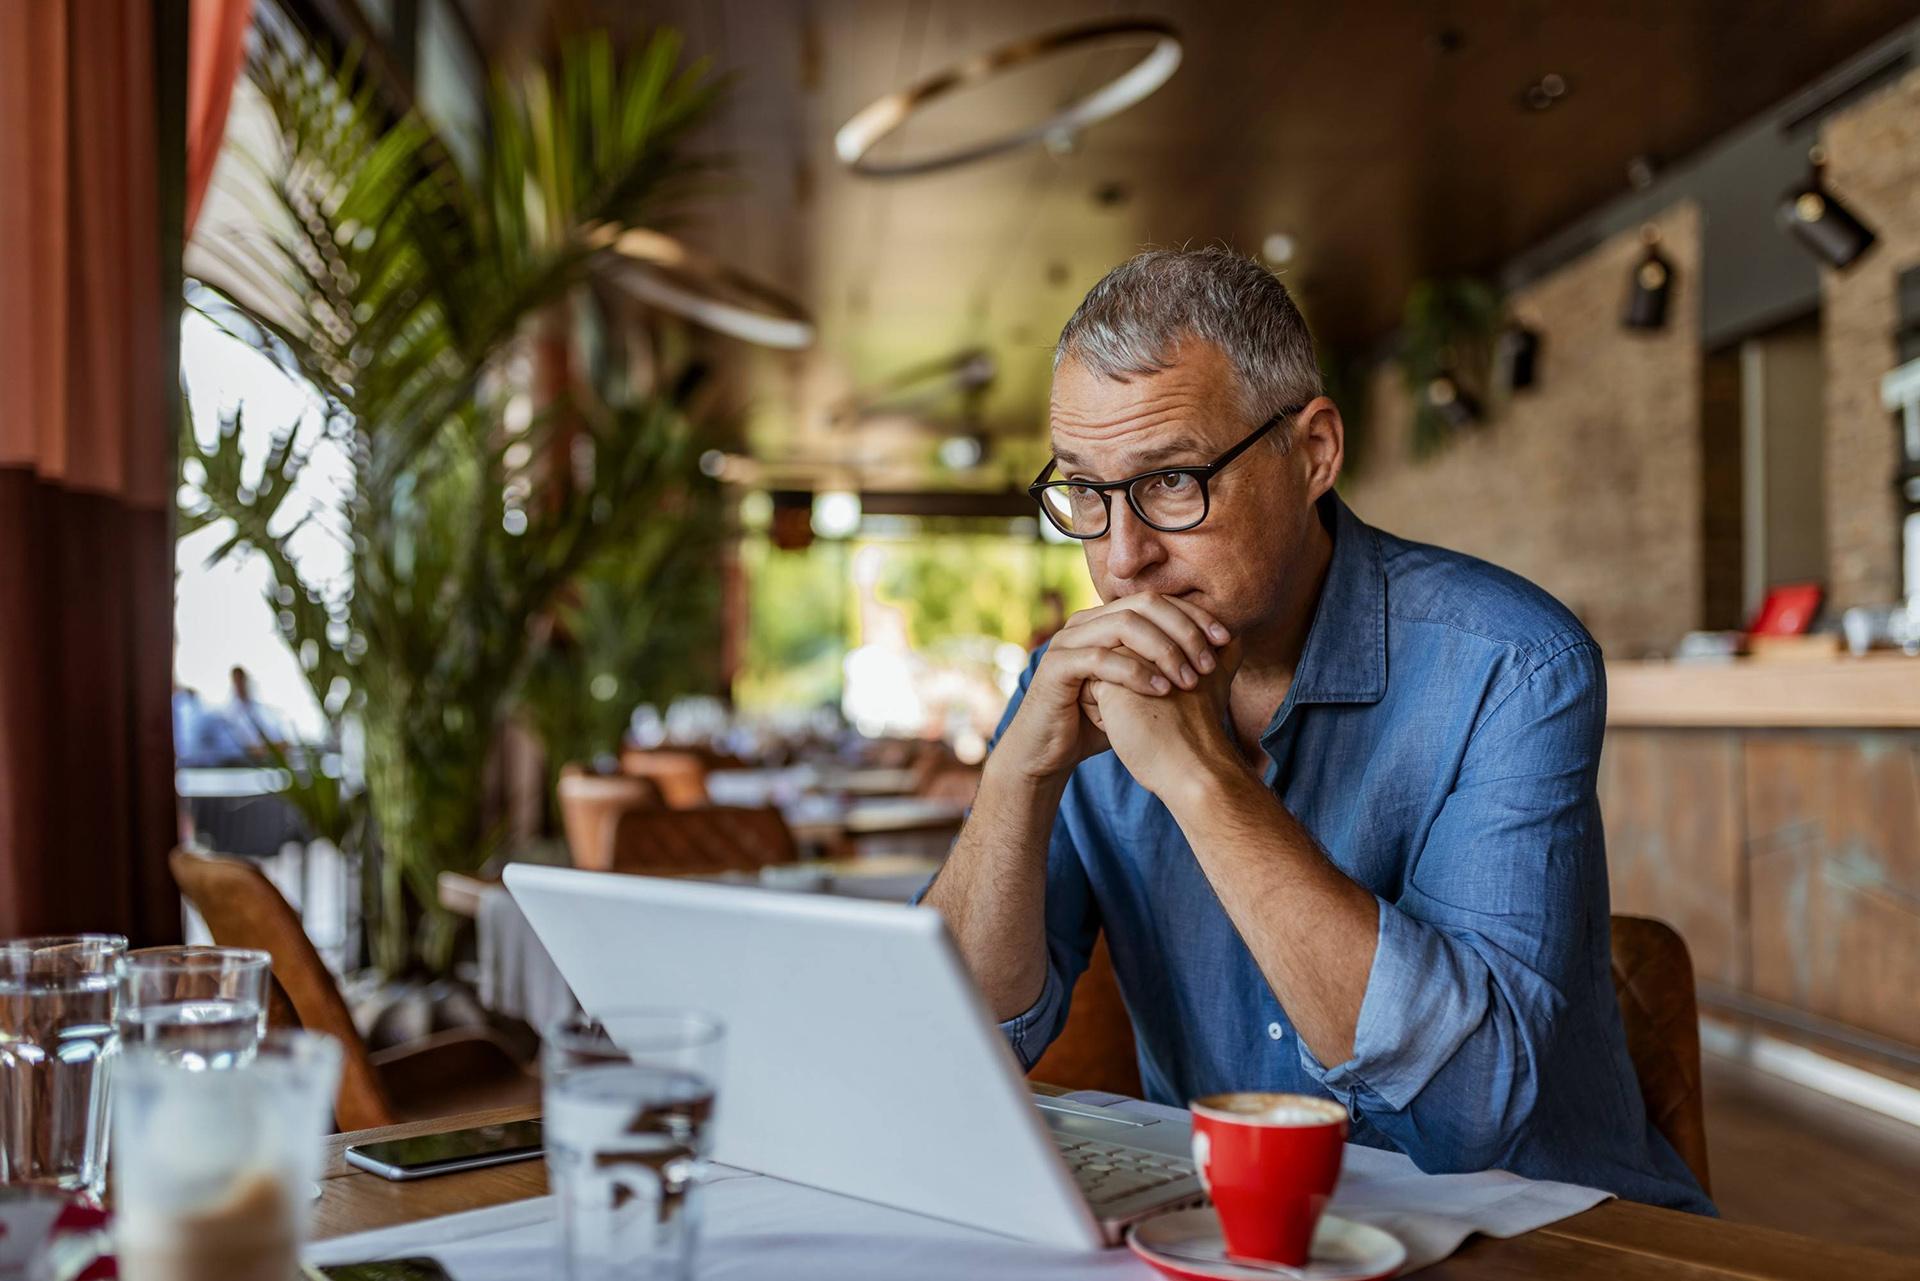 clientes inadimplentes - homem de meia idade sentado em frente a um computador com as mãos escorando o rosto, pensativo